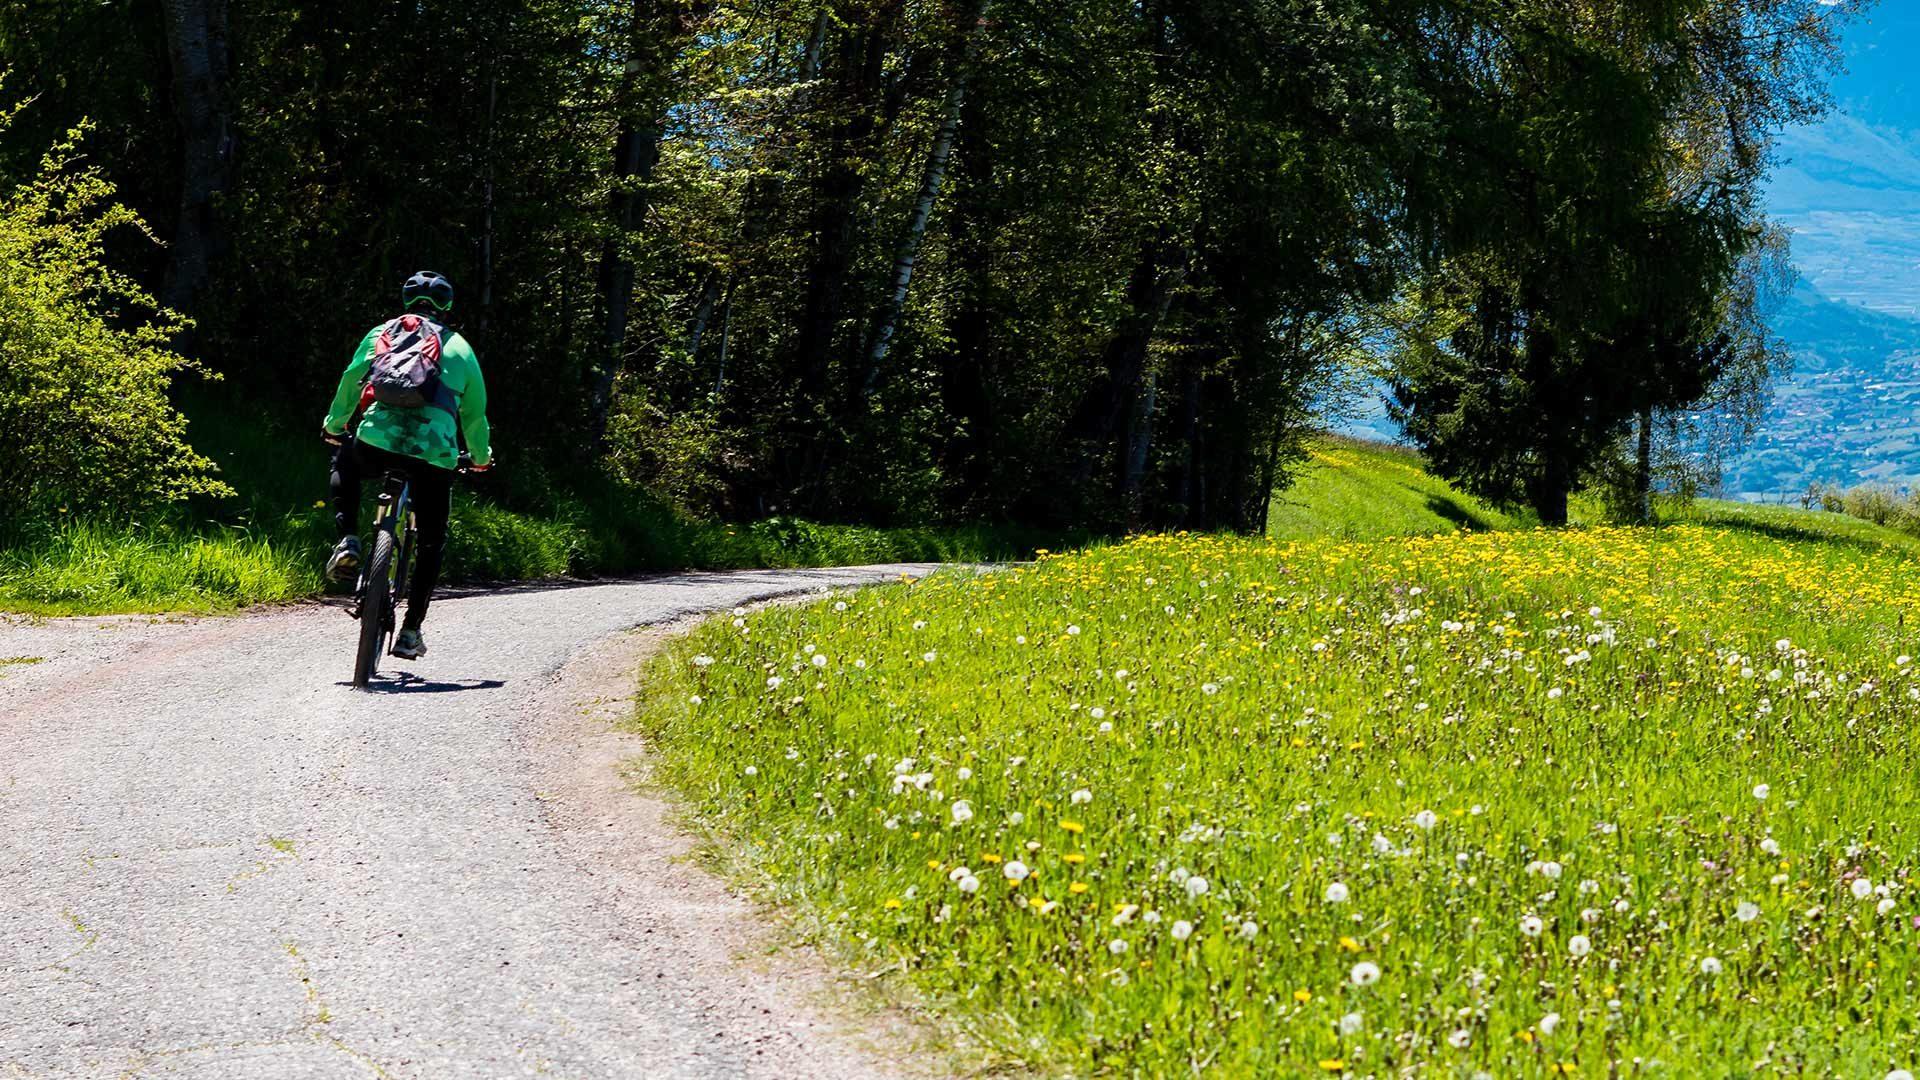 Radroute Kuens - Meran - Dorf Tirol - Kuens